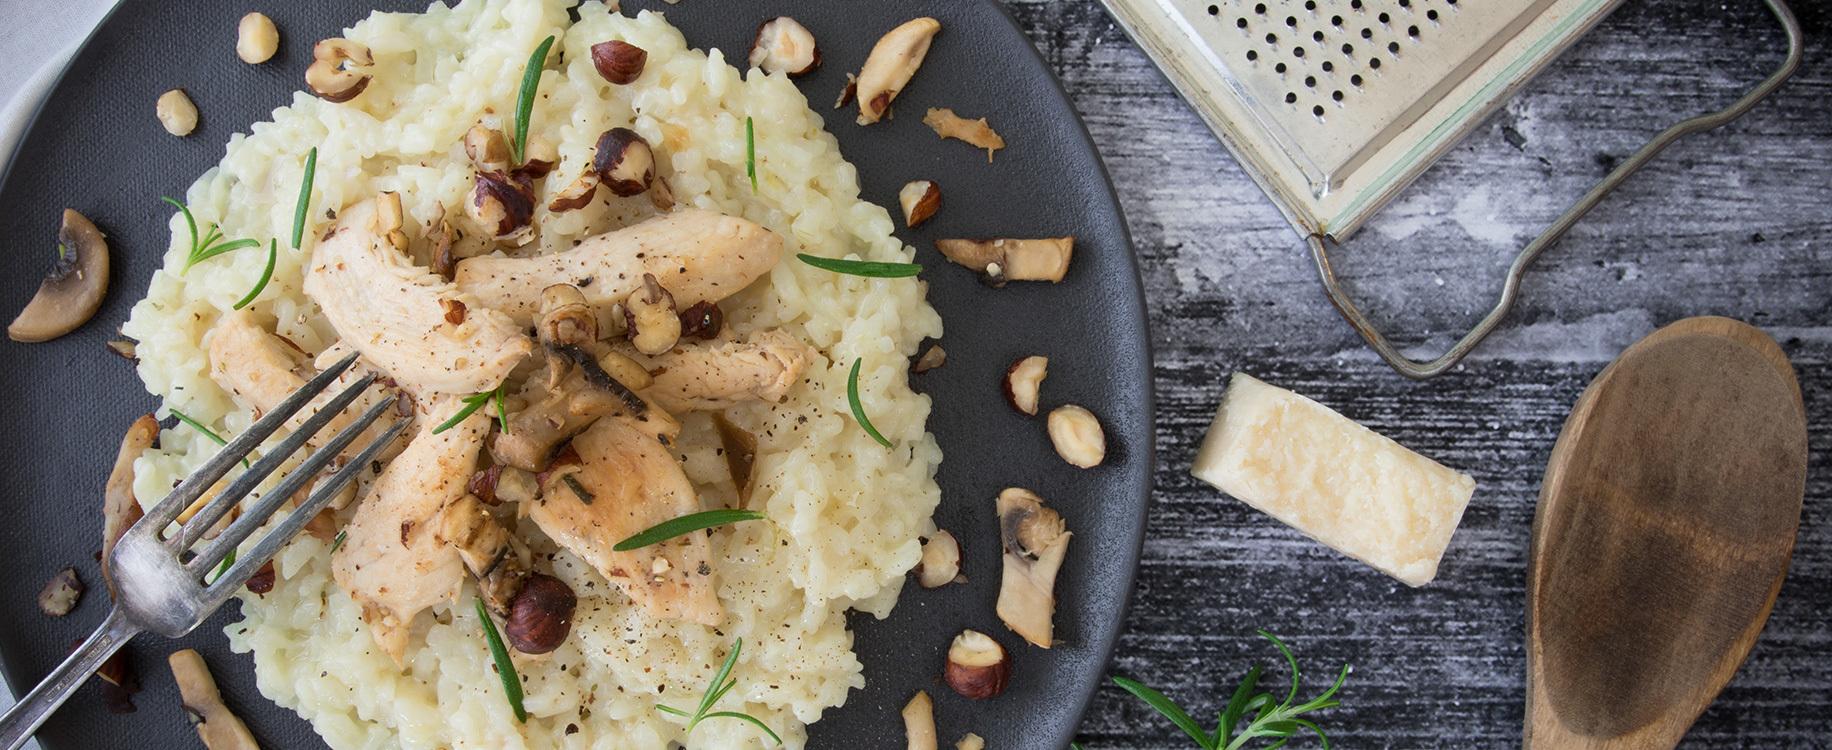 Risotto au poulet champignons et noisettes